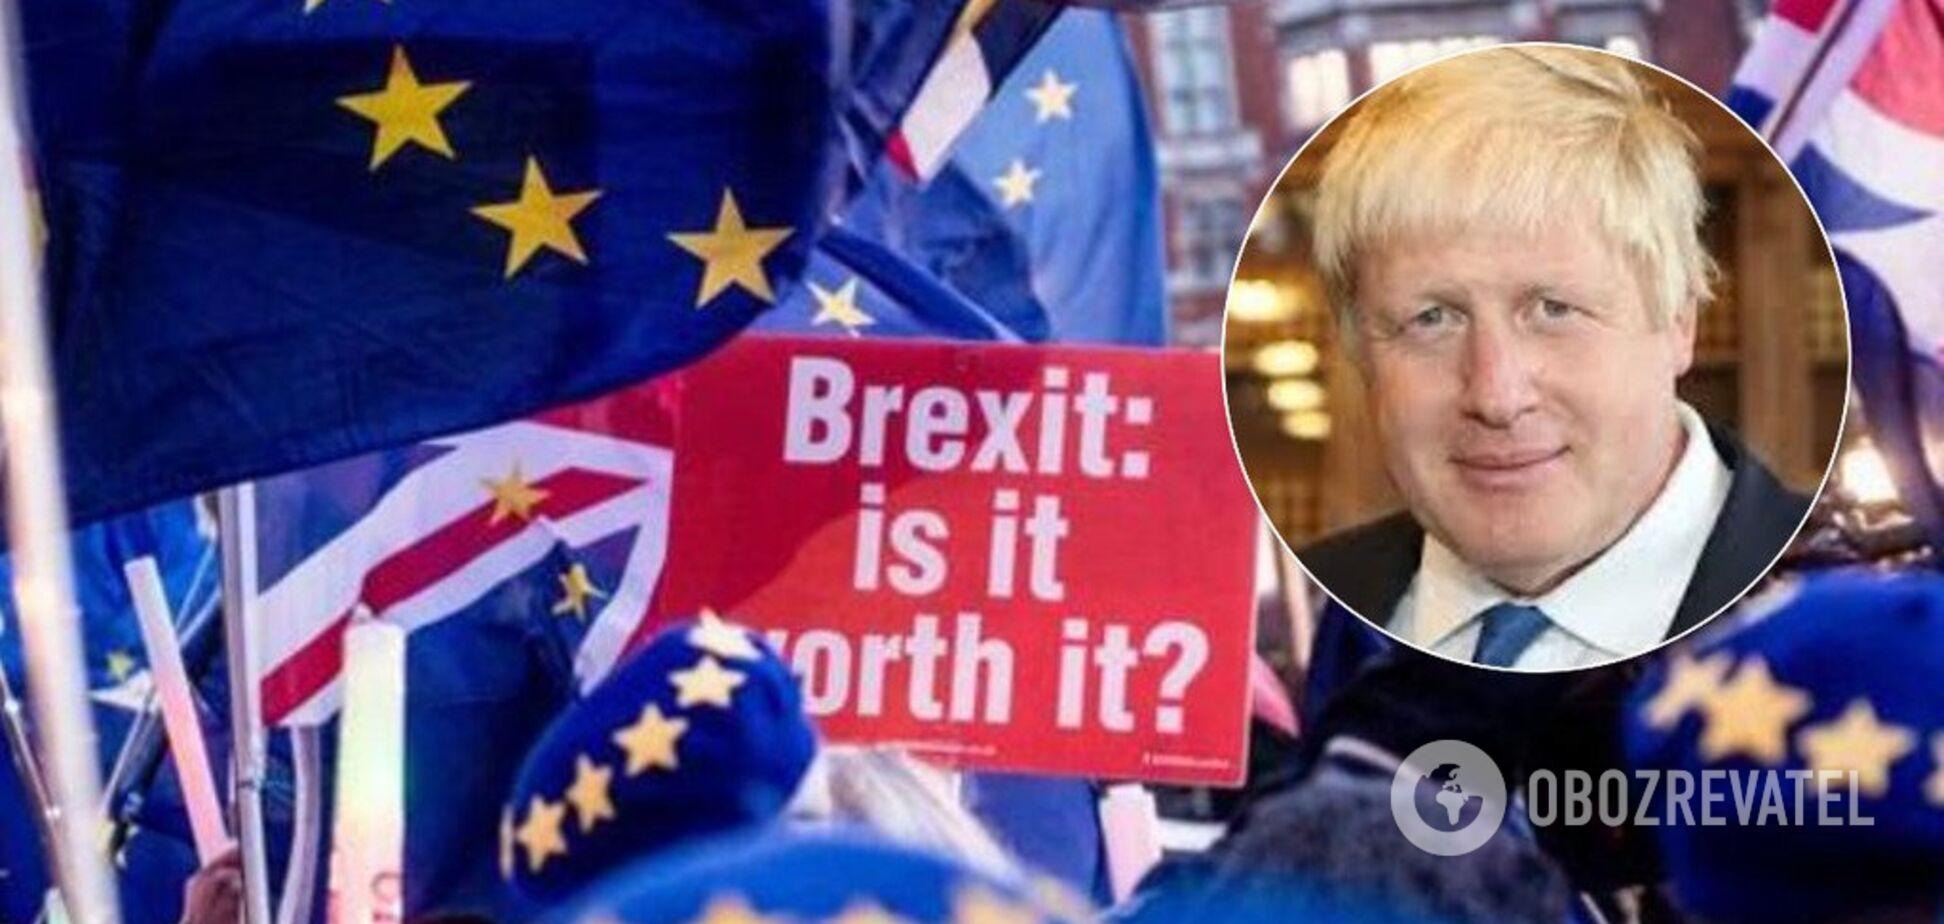 Борис Джонсон підписав закон про Brexit